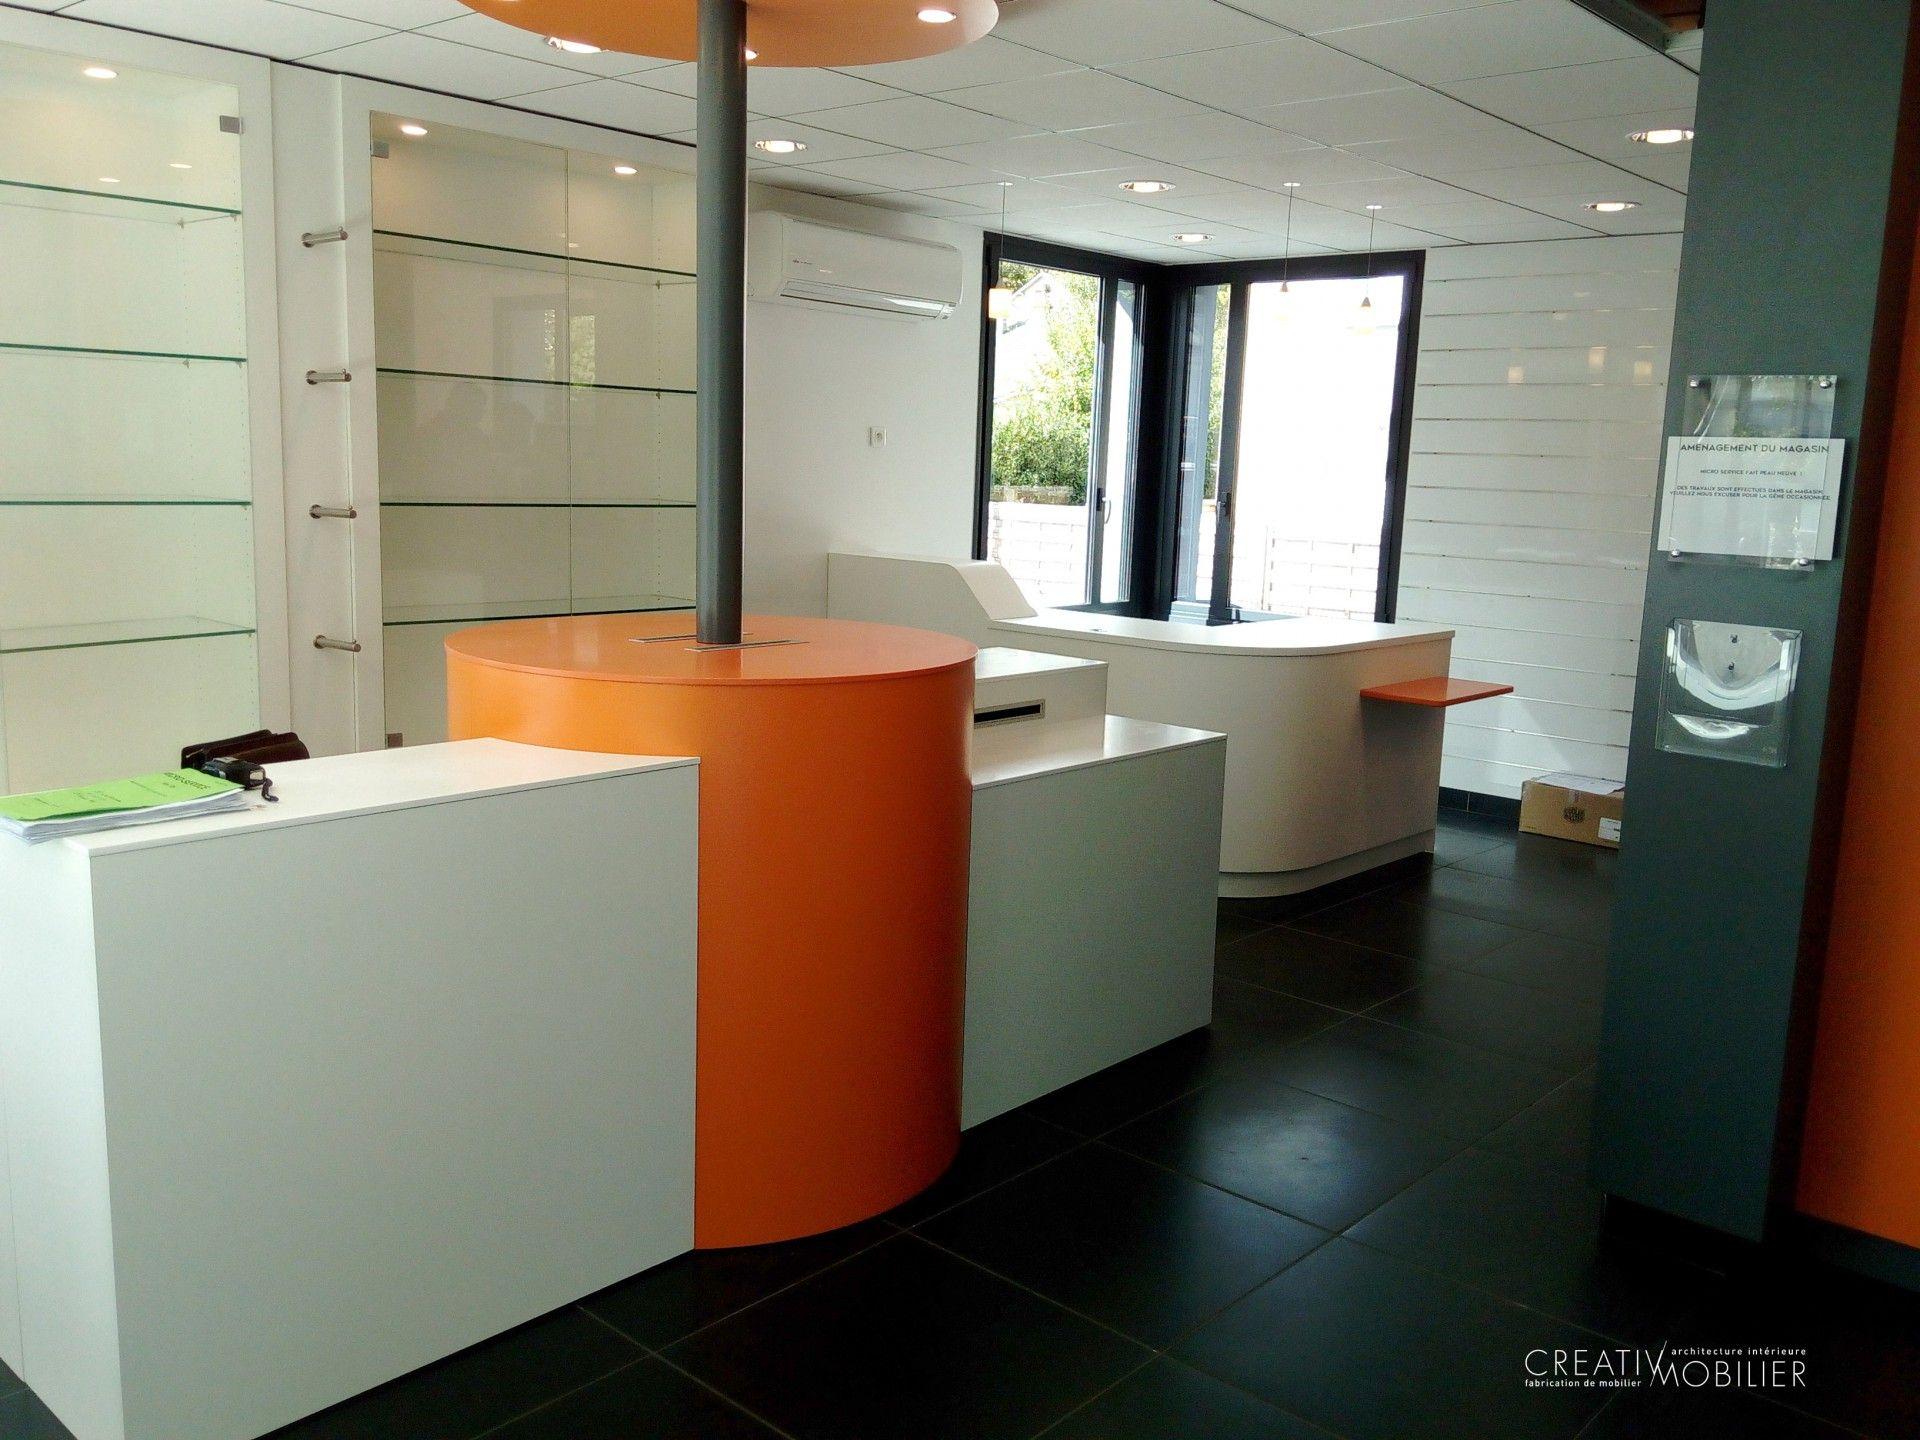 magasin informatique aux lignes sobres et design #mobilier #magasin